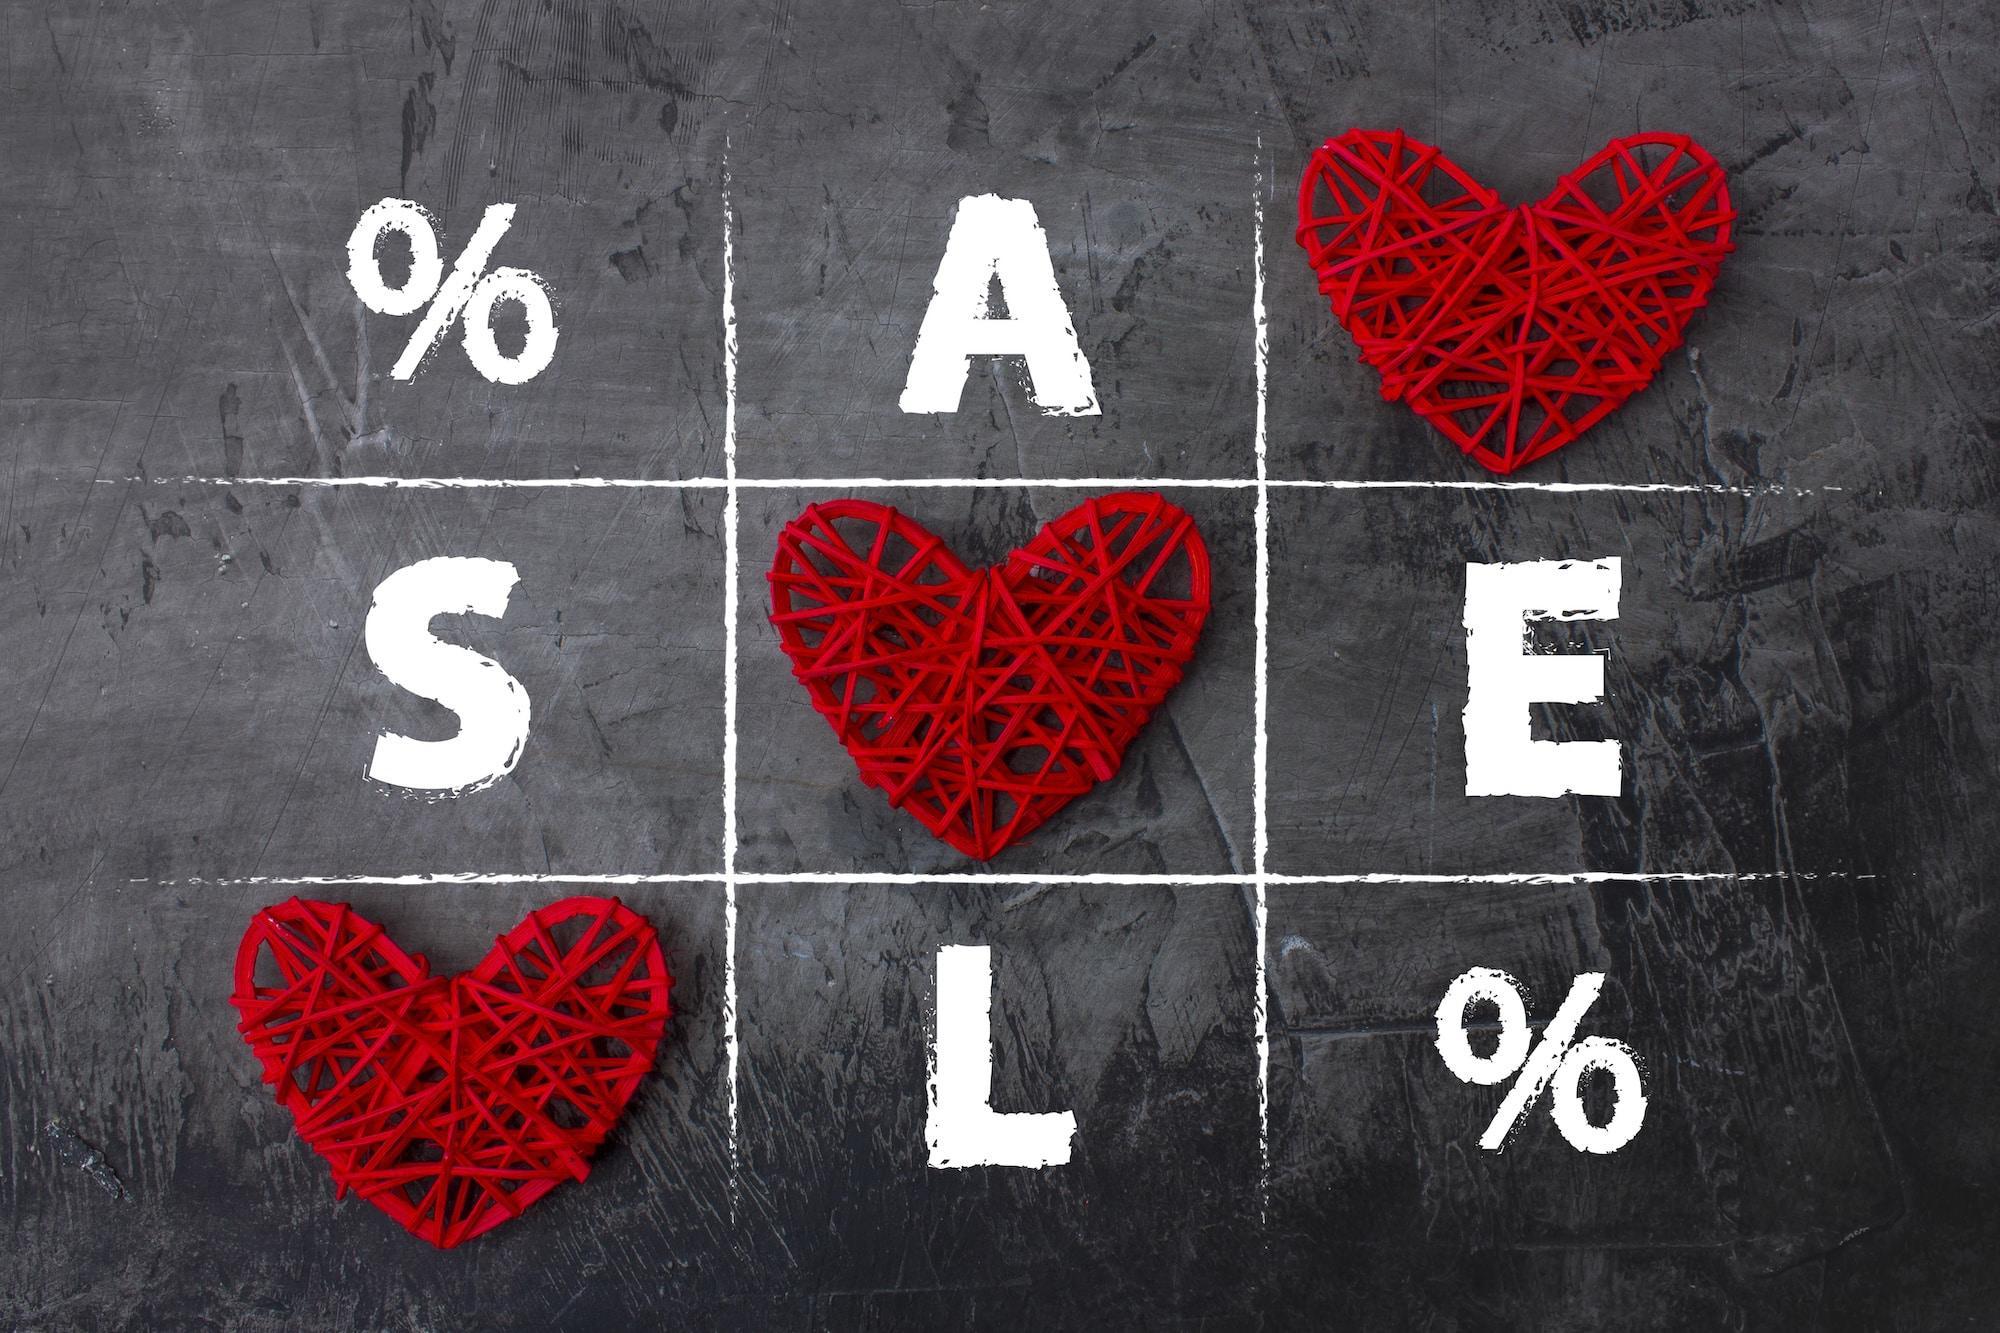 Saldi: amore per se stessi o acquisto compulsivo? | Dipendiamo.blog